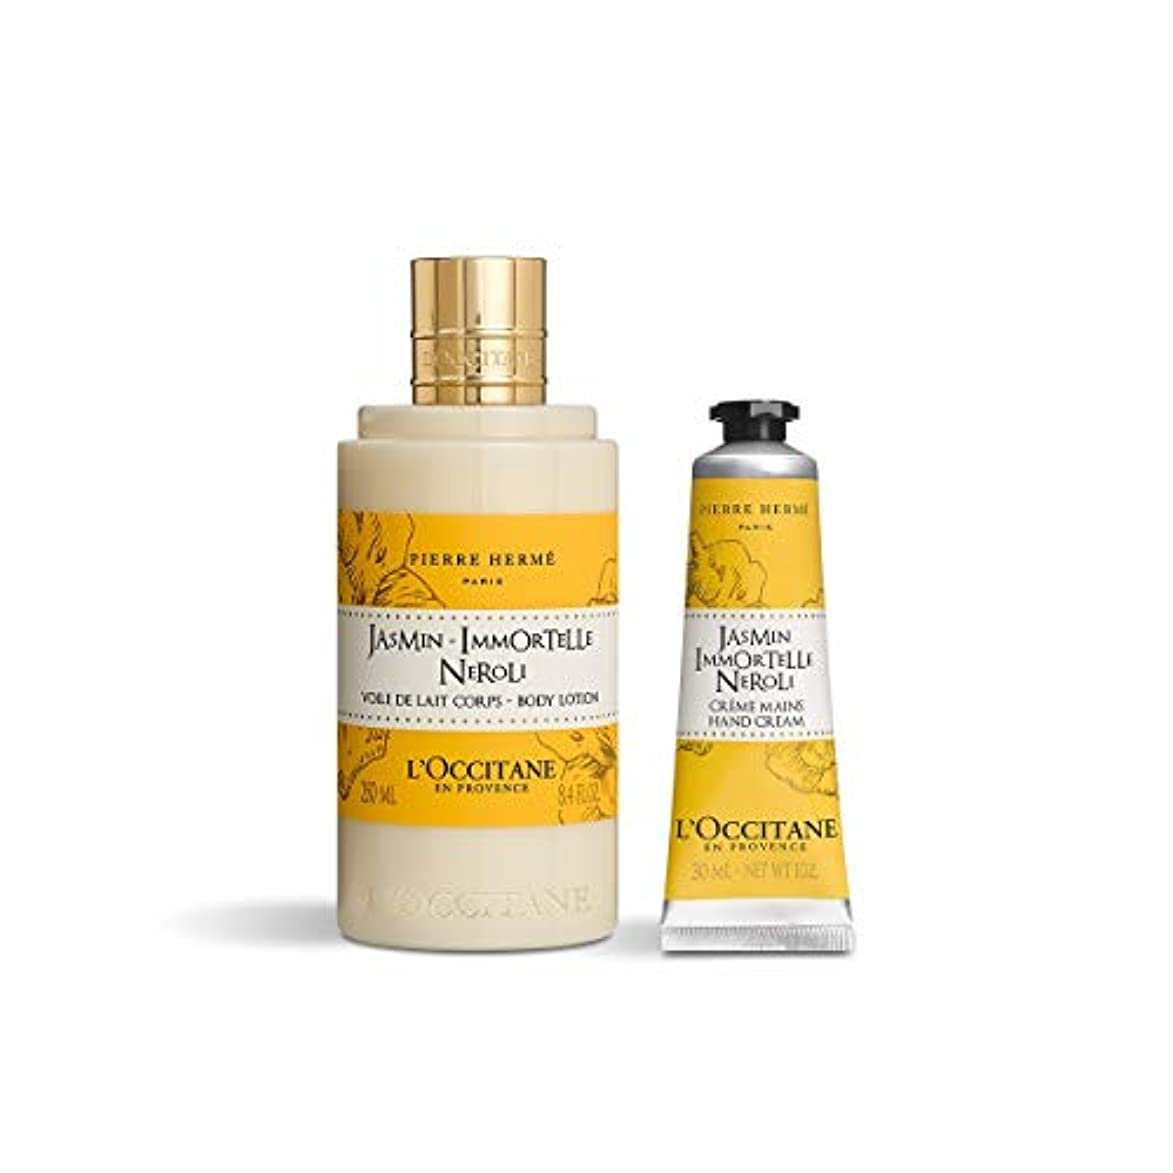 自分のためにいろいろソーセージロクシタン(L'OCCITANE) ジャスミン イモーテル ネロリ ボディ&ハンド(ボディミルク250ml+ハンドクリーム30ml)